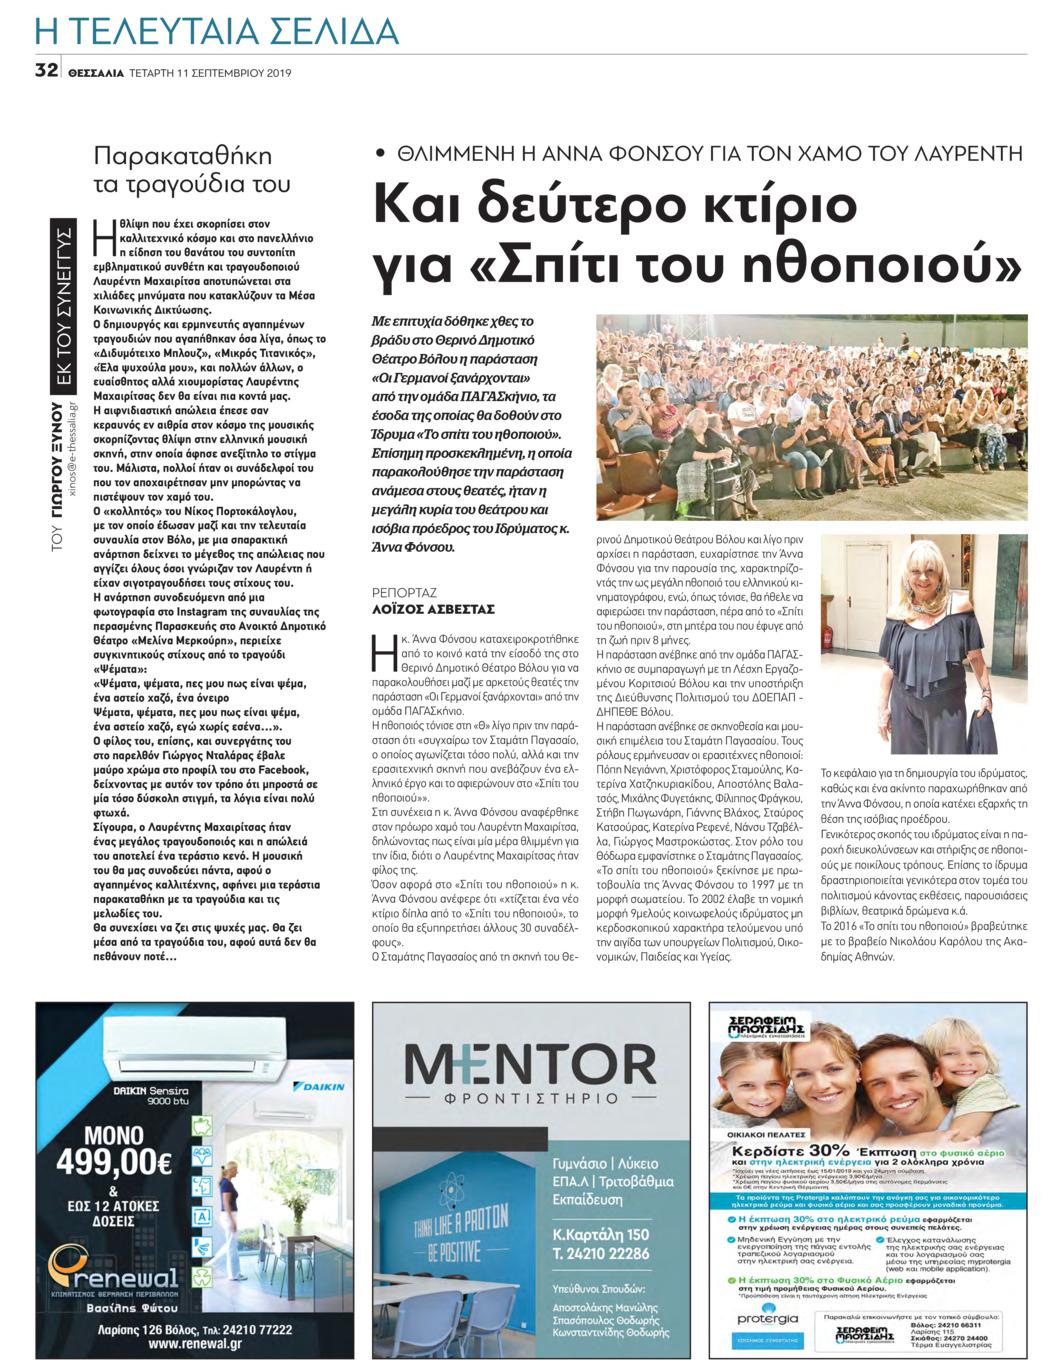 Οπισθόφυλλο εφημερίδας Θεσσαλια